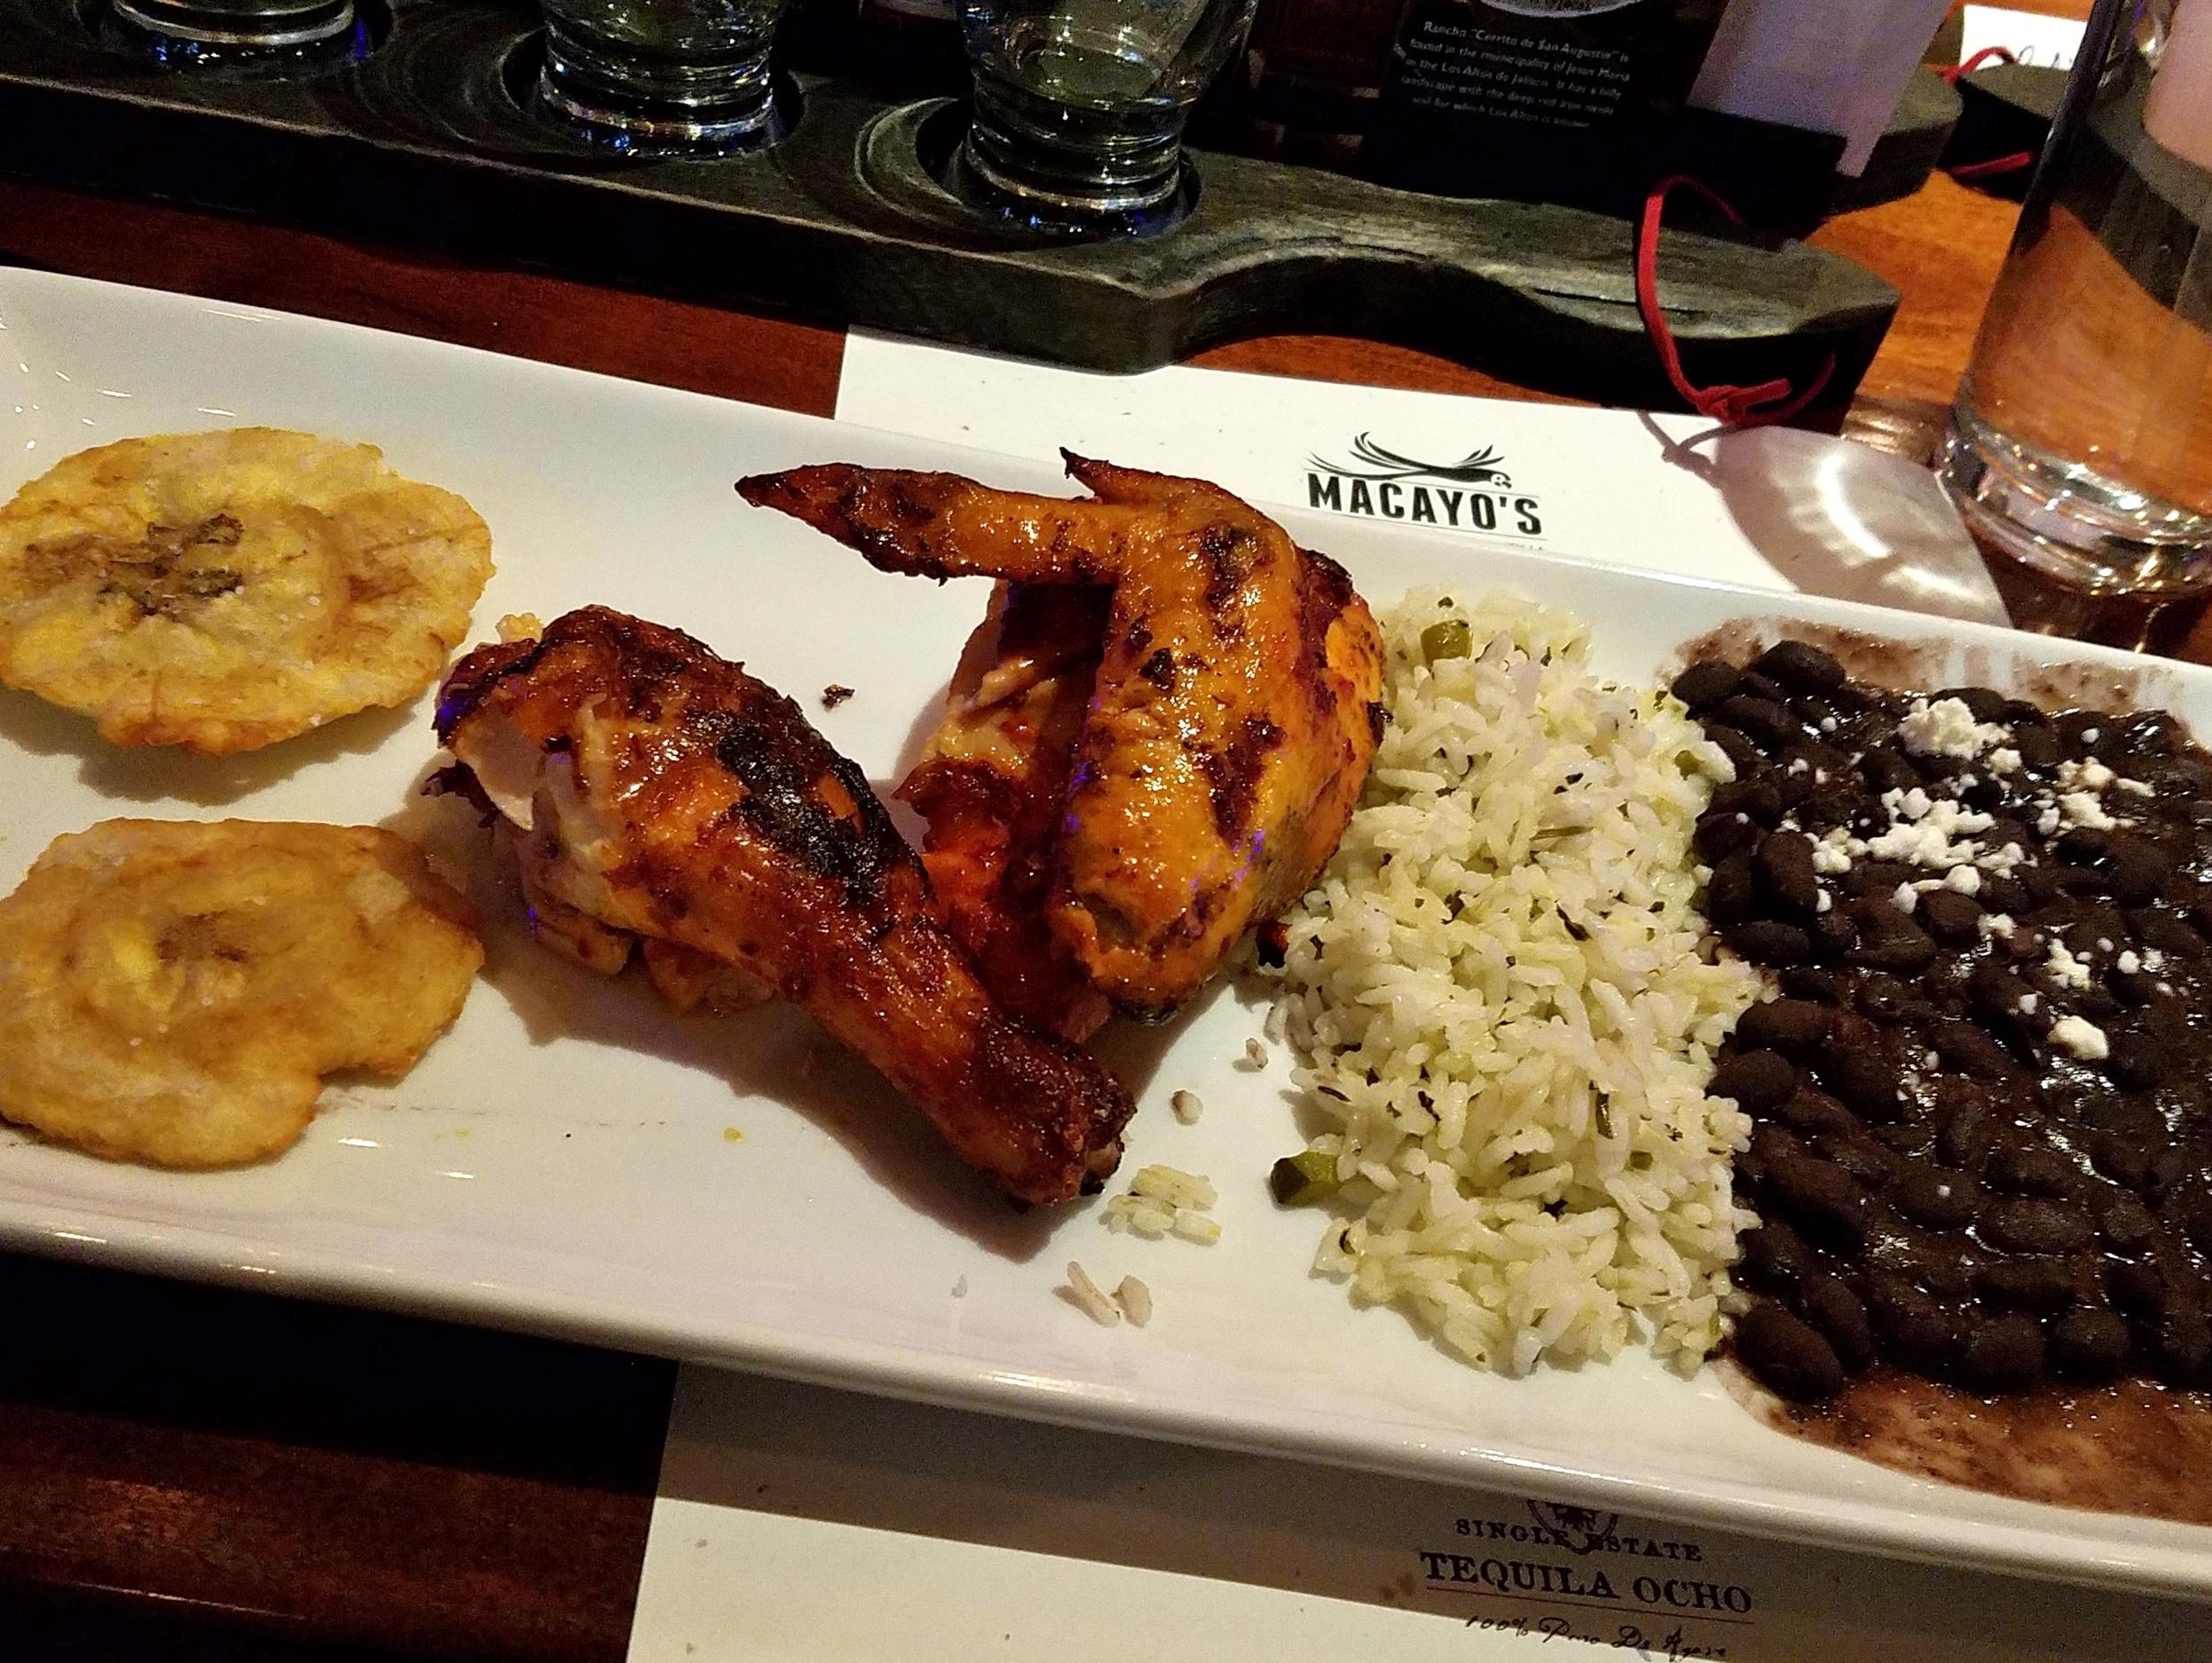 Pollo asado with platanos, cilantro rice, and black beans